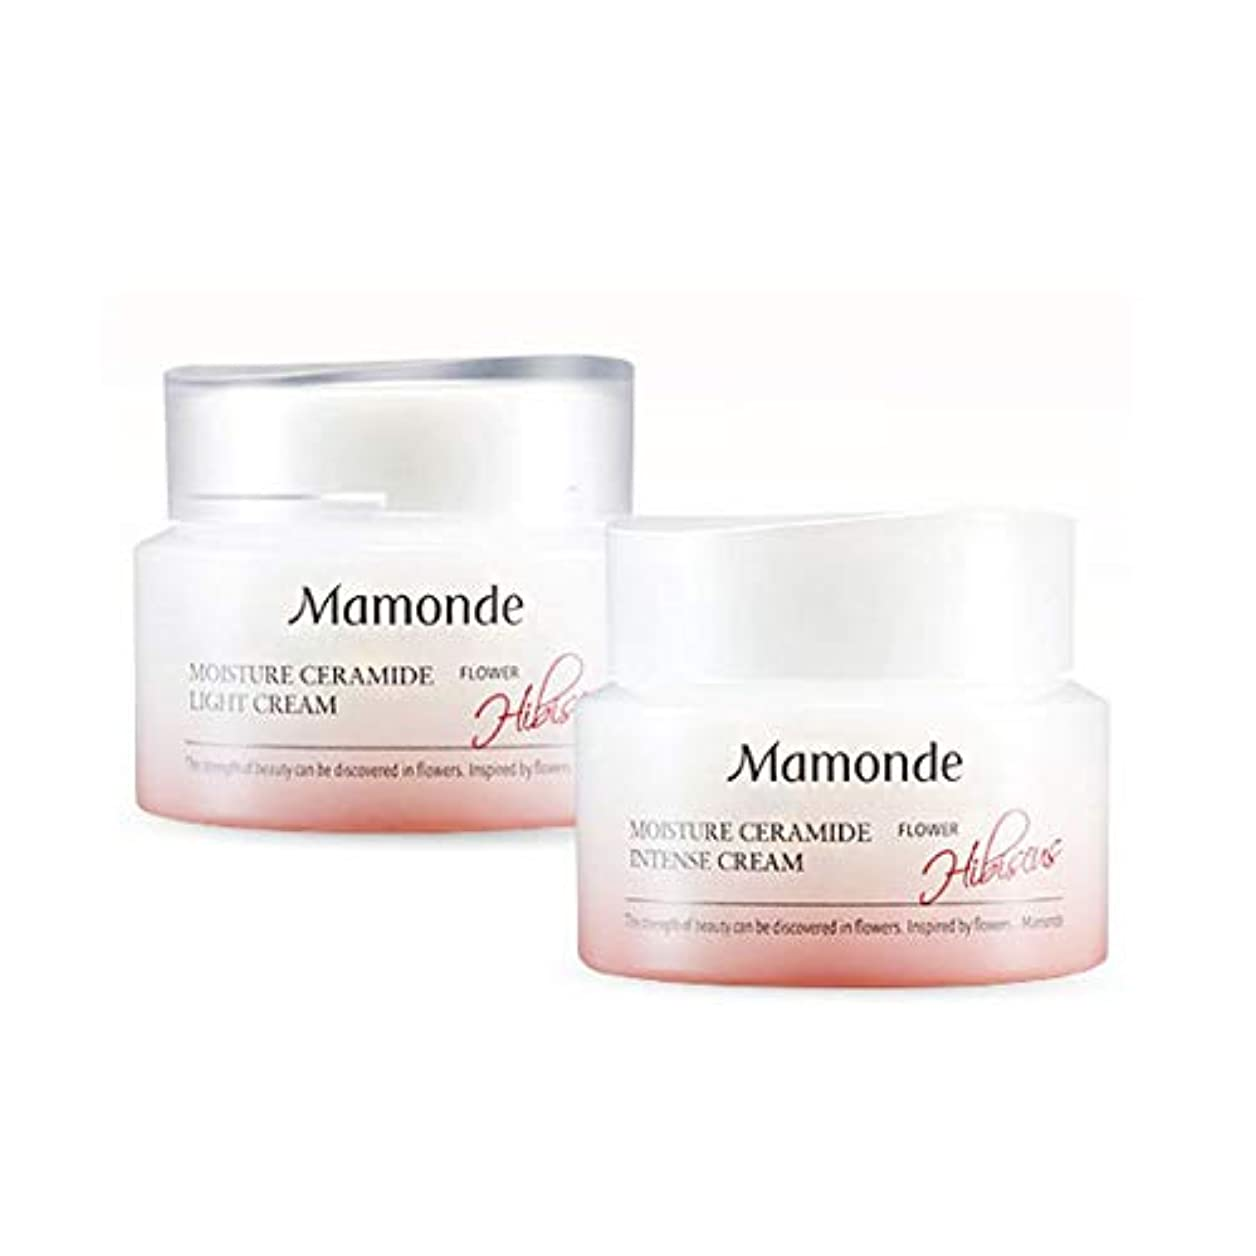 原子プレビュー日マモンドモイスチャーセラミドインテンスクリーム50mlx2本セット韓国コスメ、Mamonde Moisture Ceramide Intense Cream 50ml x 2ea Set Korean Cosmetics...